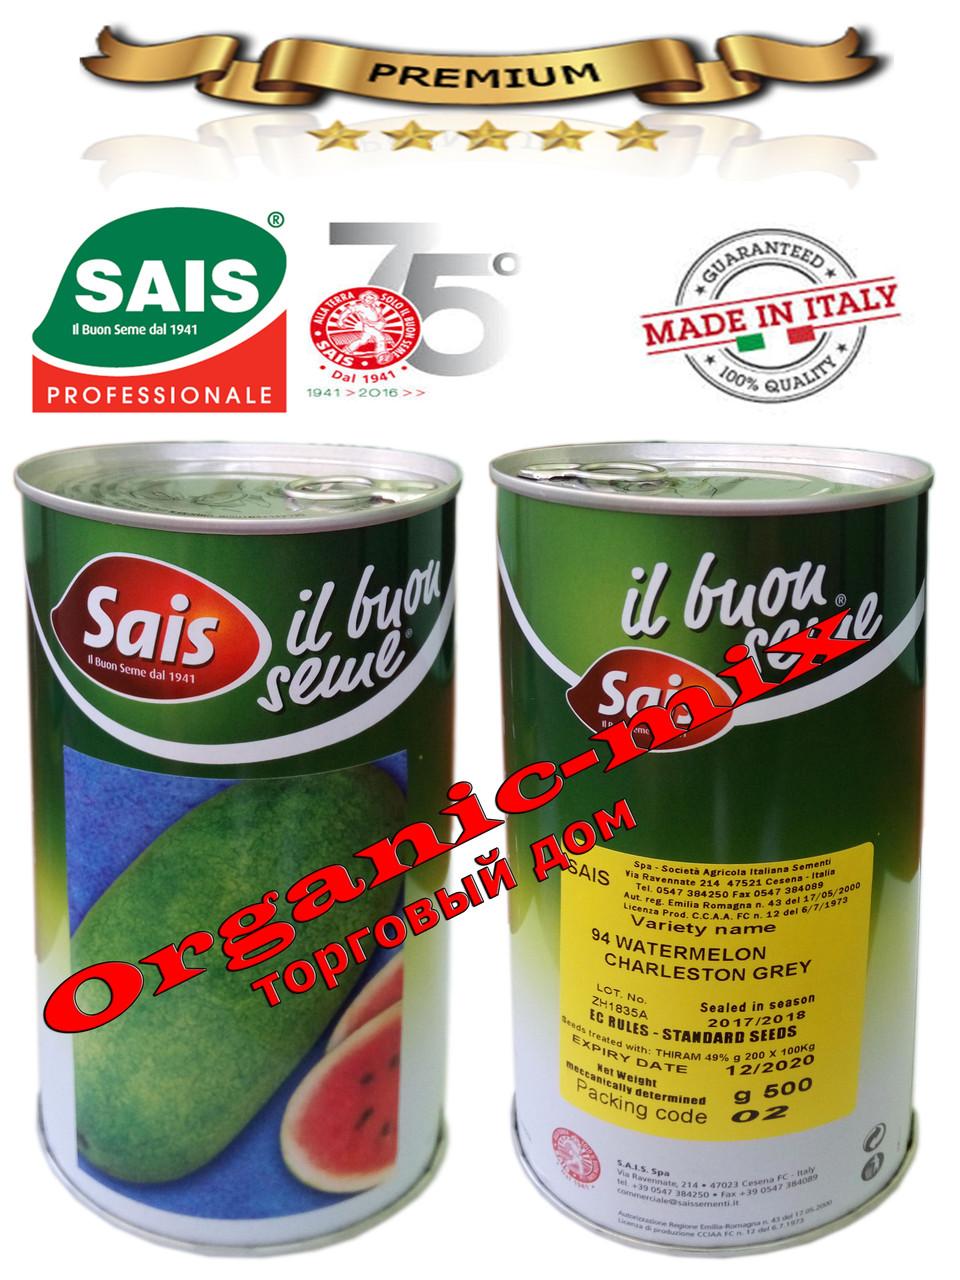 Семена арбуза, ЧАРЛЬСТОН ГРЕЙ / CHARLESTON GREY, ТМ Sais, Италия, ж/б банка 500 грамм